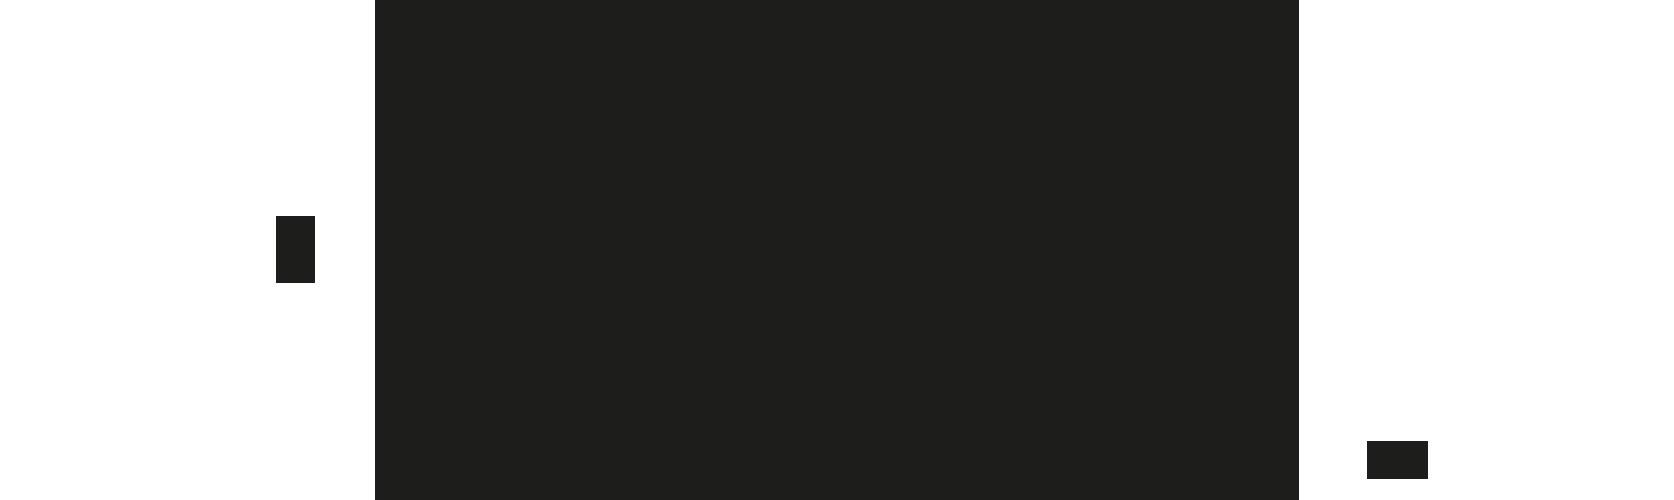 Shure Beta 52A Microfono per grancassa  Curva di risposta in frequenza